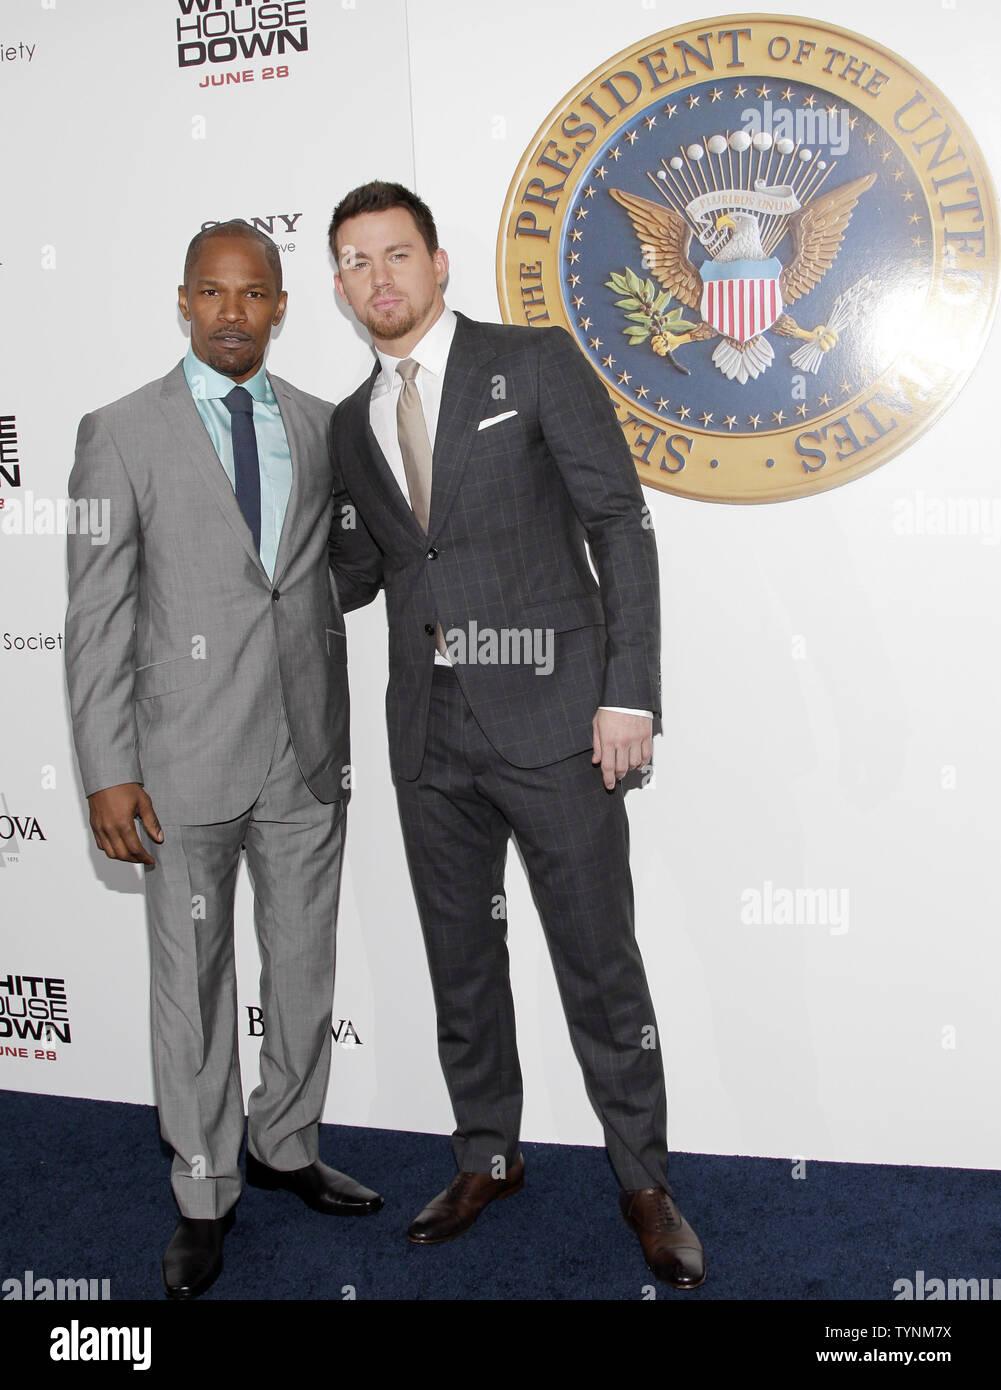 Jamie Foxx und Channing Tatum ankommen auf dem roten Teppich bei der Premiere von 'Weißen Haus' im Ziegfeld Theatre in New York City am 25. Juni 2013. UPI/John angelillo Stockbild